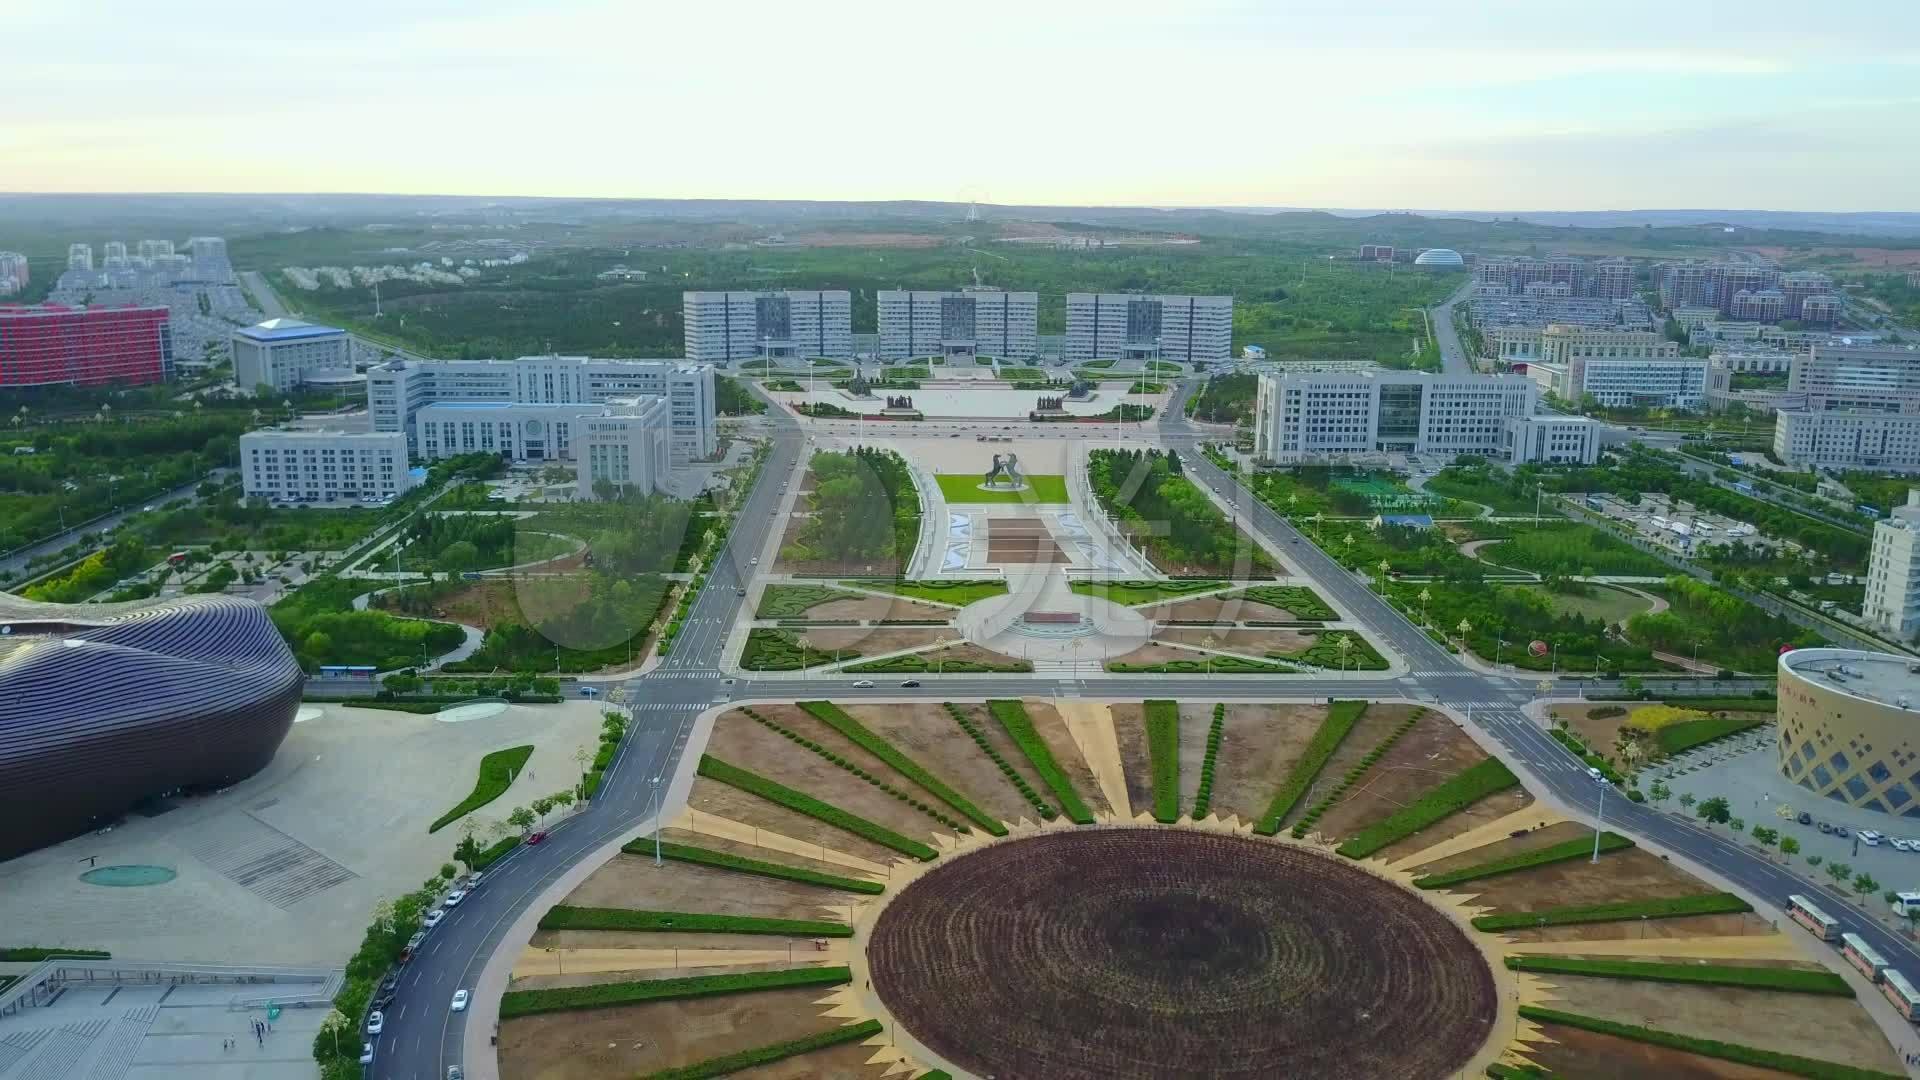 内蒙古 鄂尔多斯 康巴什新区 广场